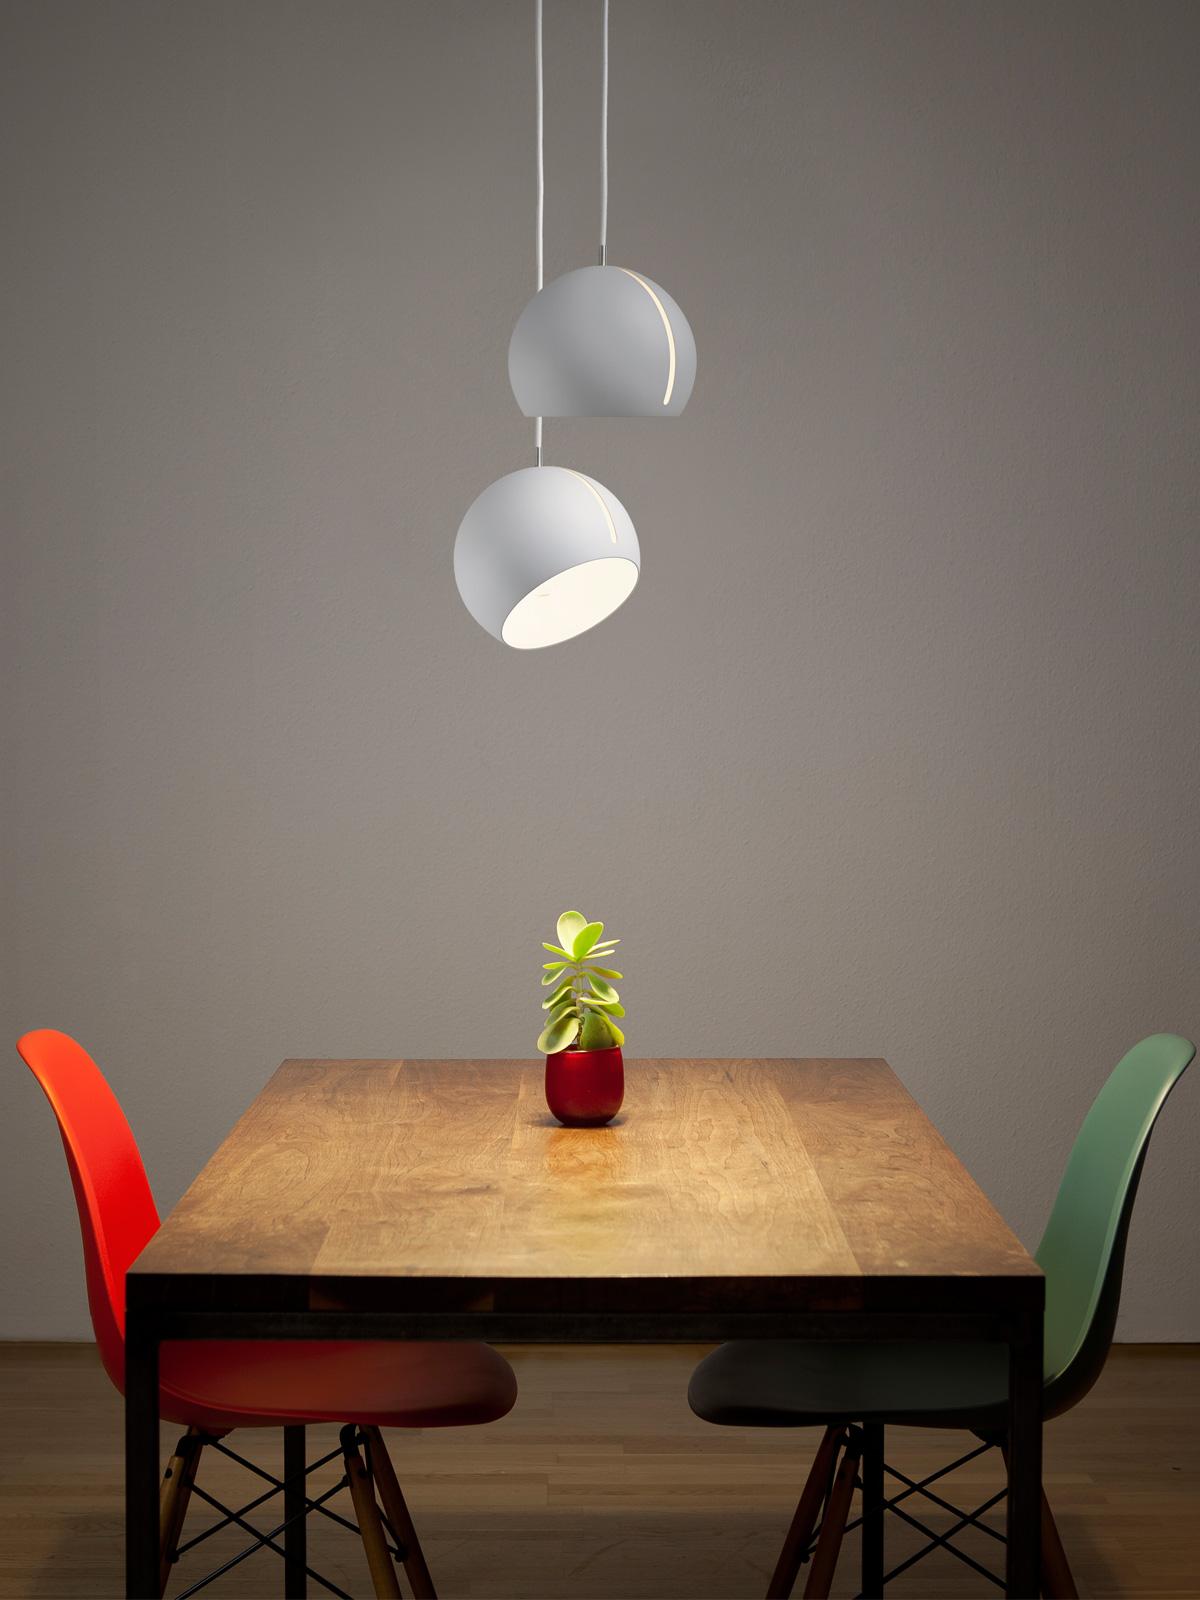 DesignOrt Blog: Best of Designduos - Tilt Globe über Tisch NYTA